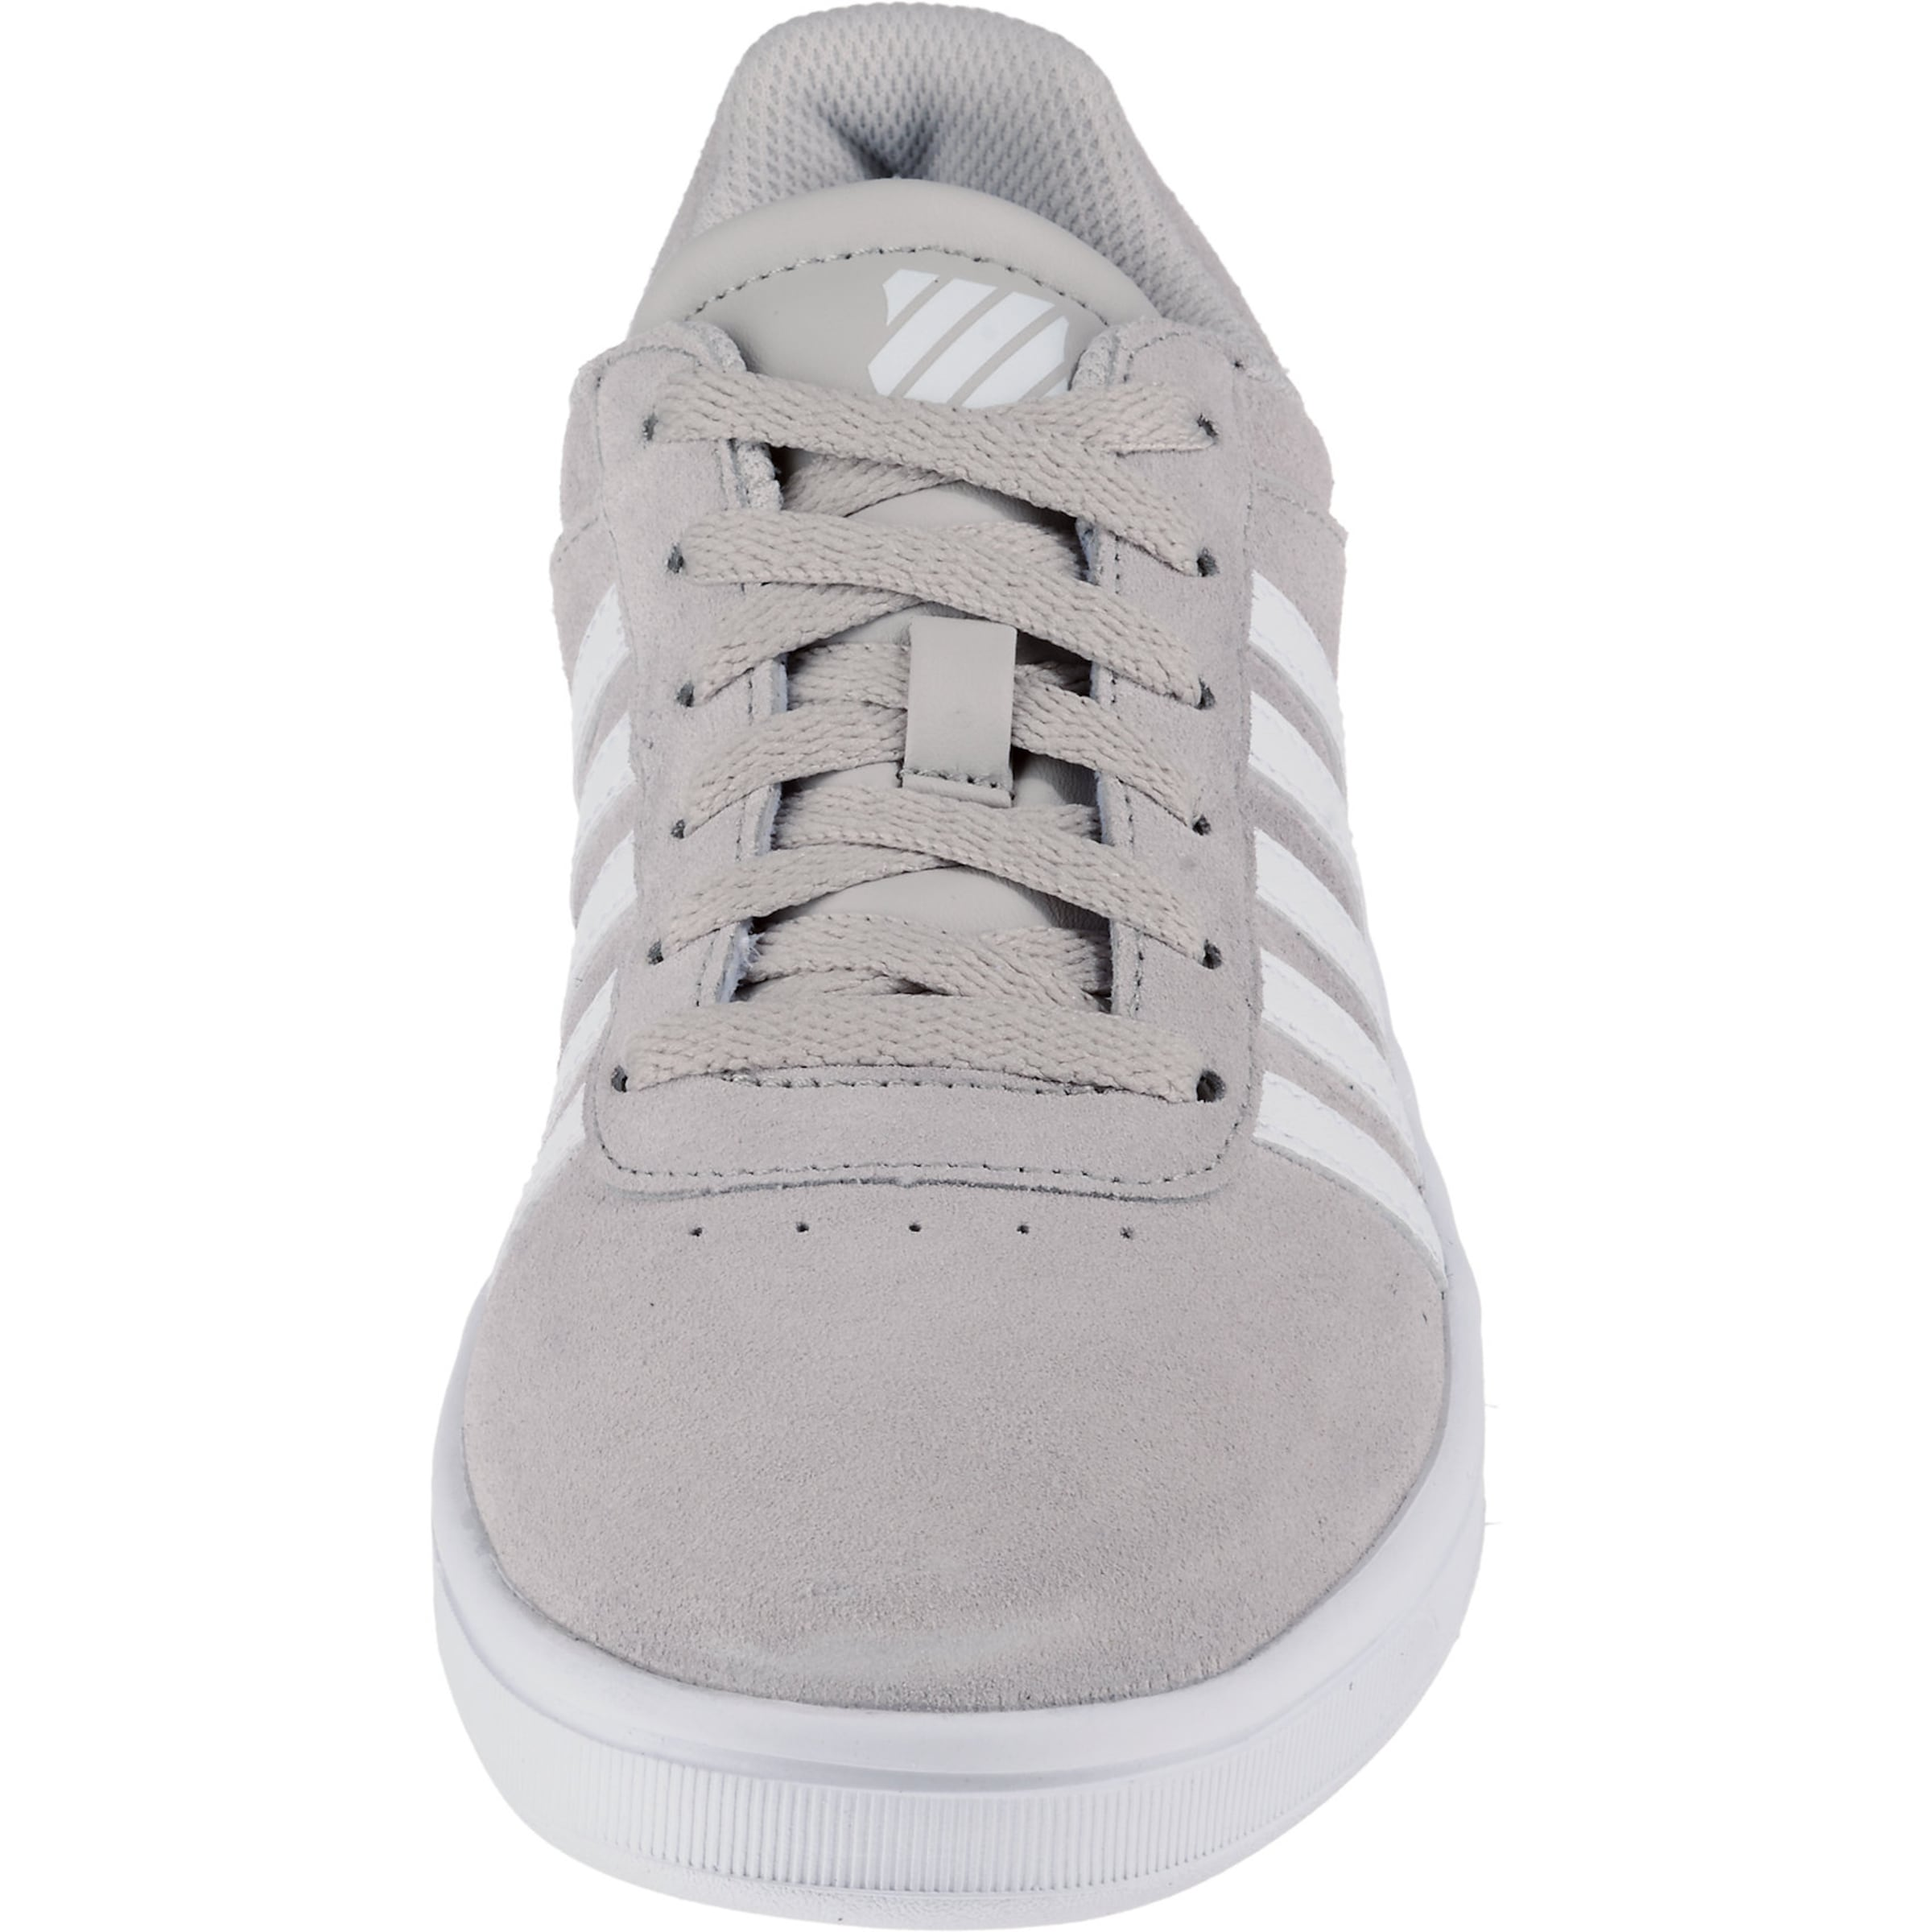 Sneakers In swiss Sneakers HellgrauWeiß K K swiss E2WH9ID